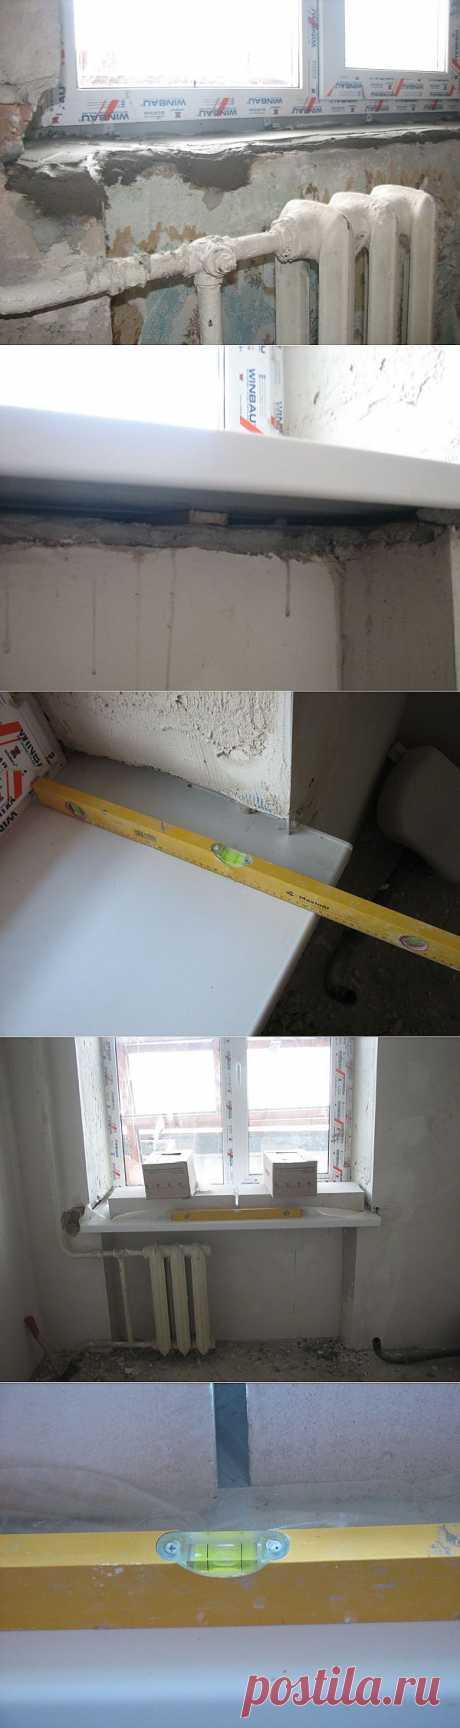 Установка подоконника - Мир отделки и ремонта